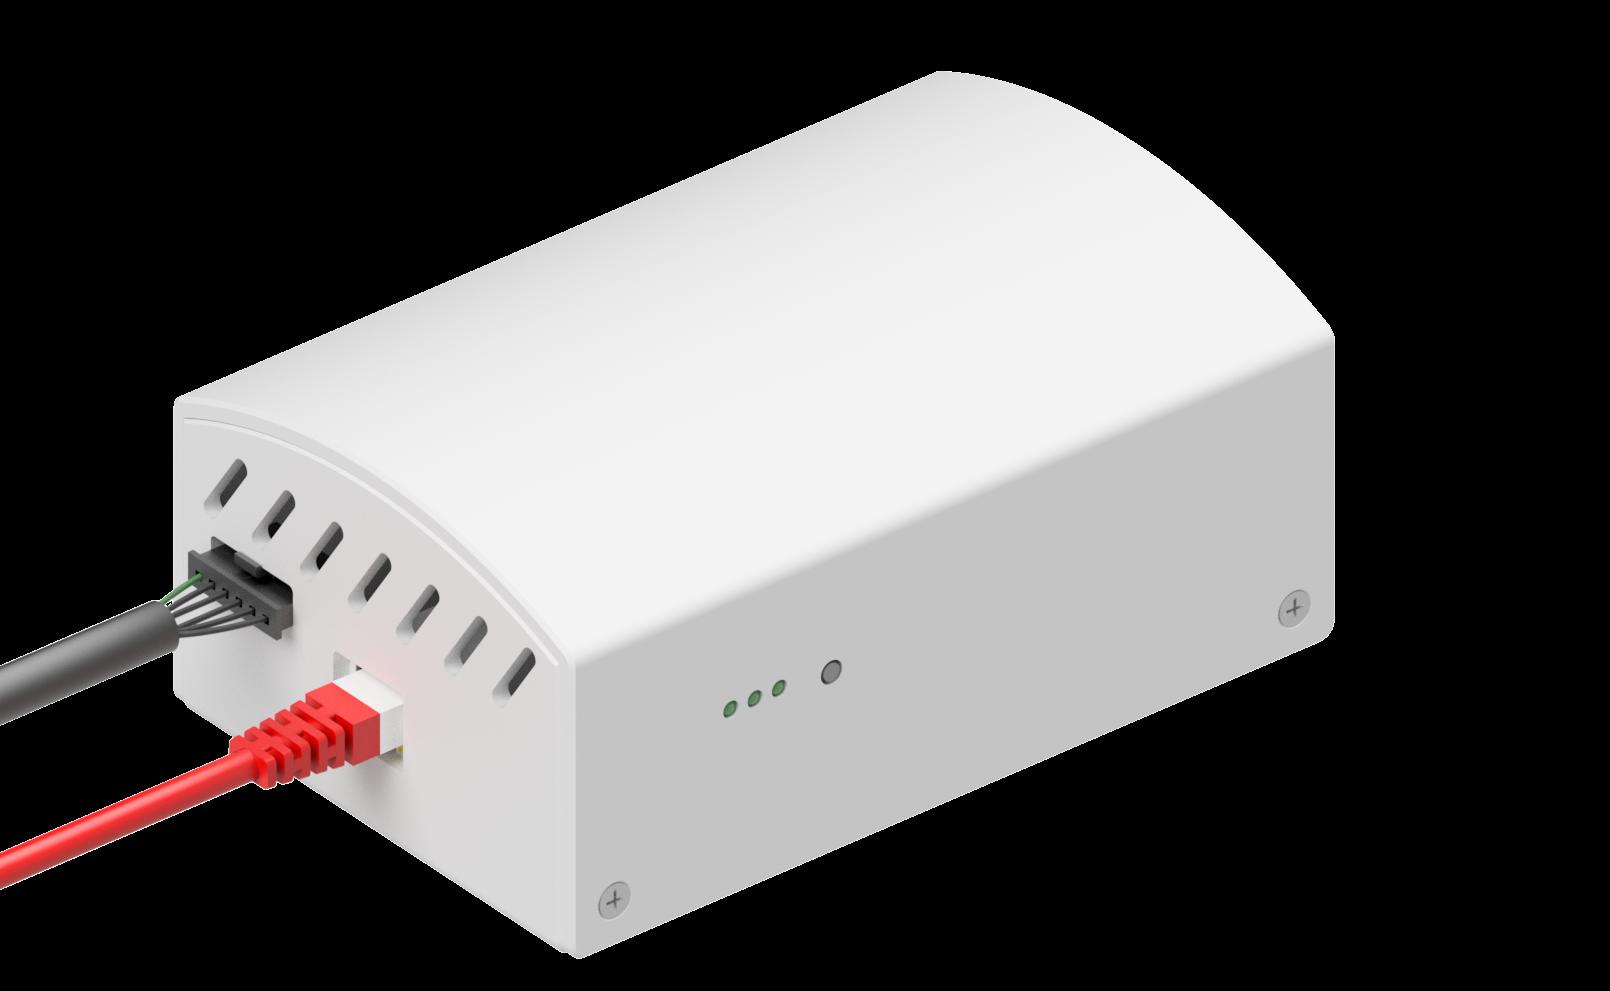 Boitier AMZAIR Connect, solution de pompe à chaleur connectée